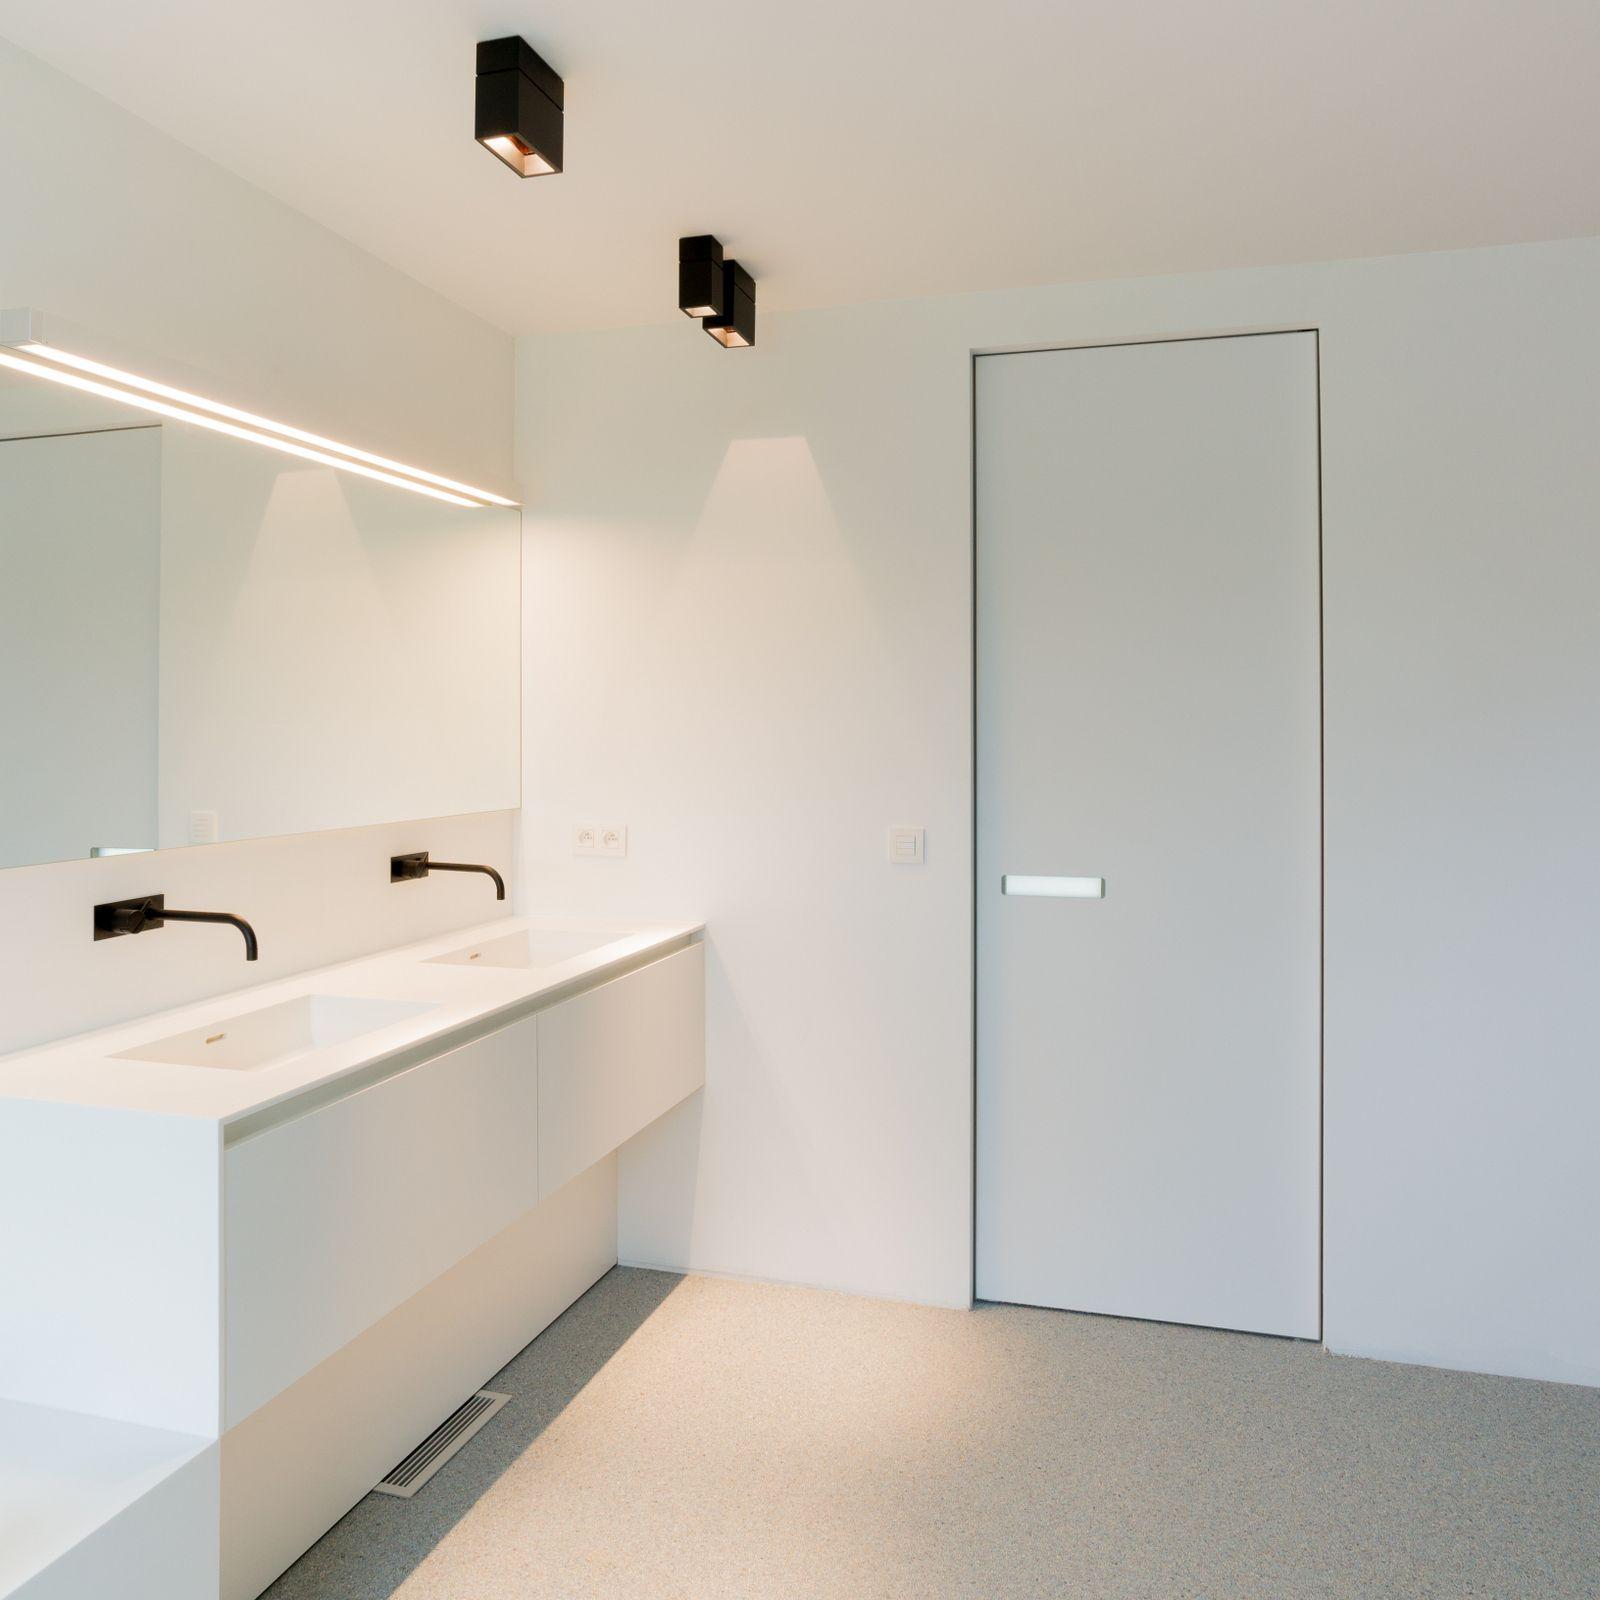 moderne badkamer volledig wit. een wit corian meubel uitgerust met, Badkamer